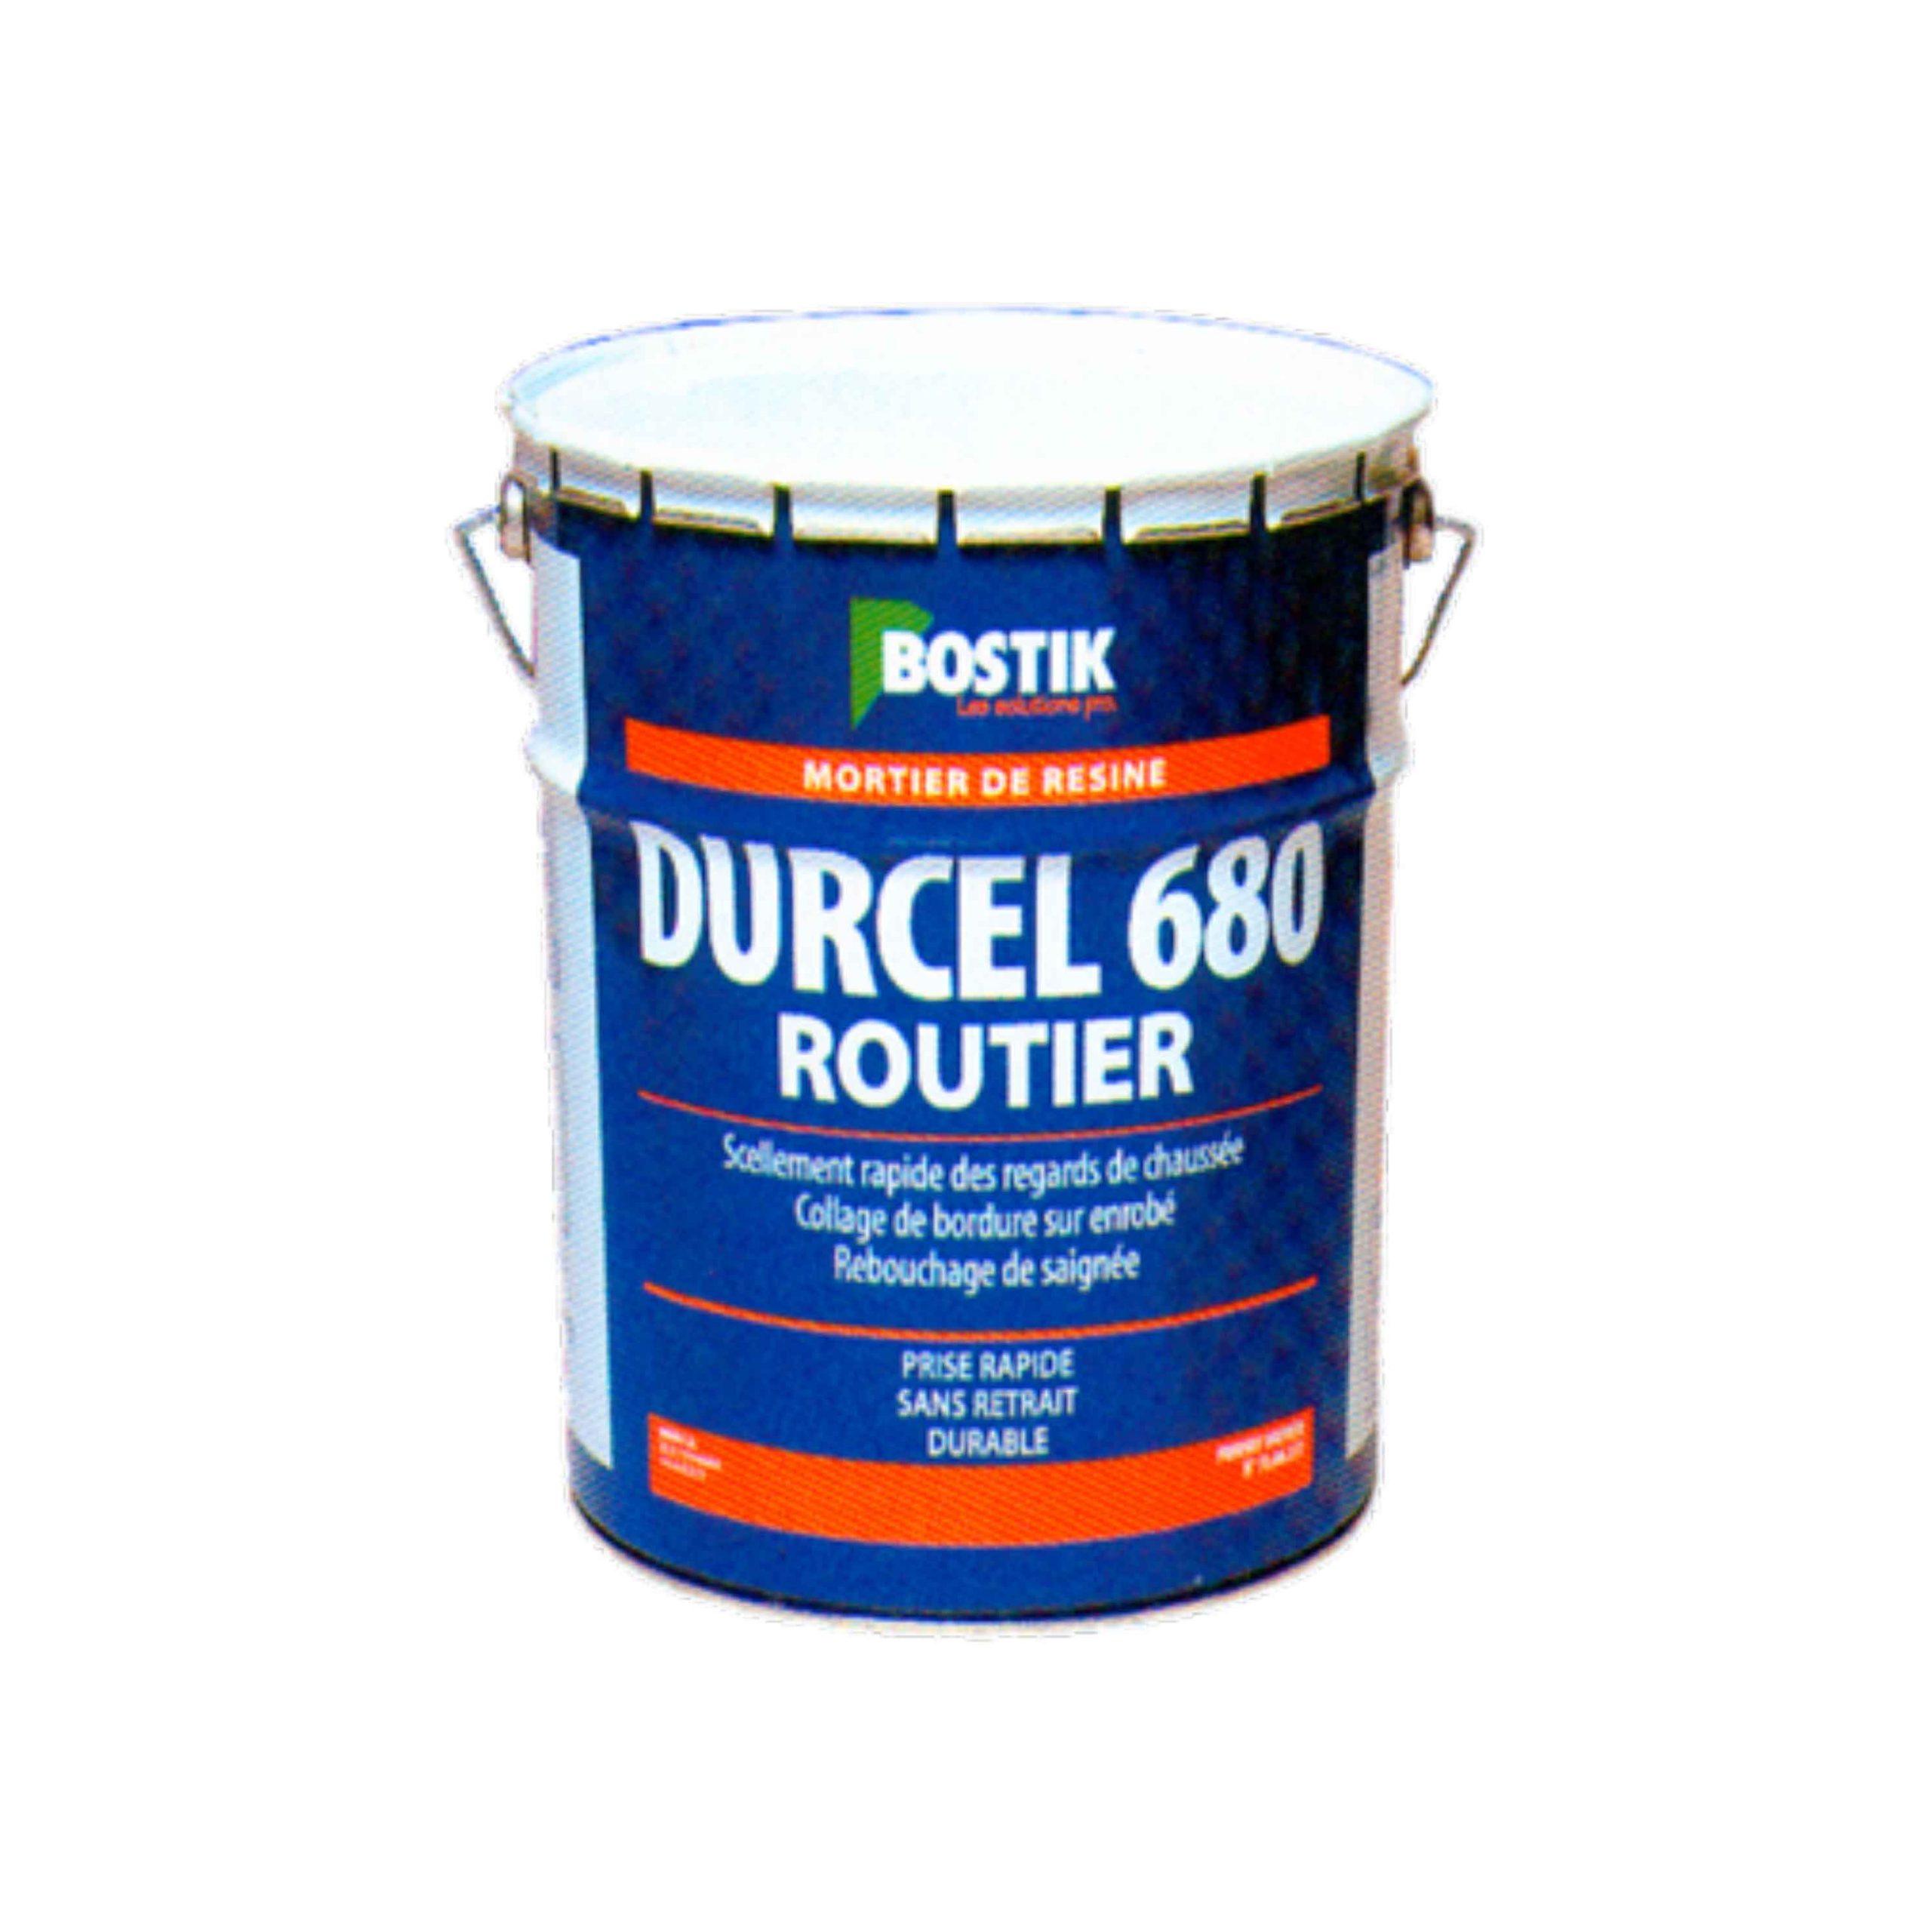 DURCEL_680_REF_8590_COLLE_BSB_CAOUTCHOUCS_PLASTIQUES